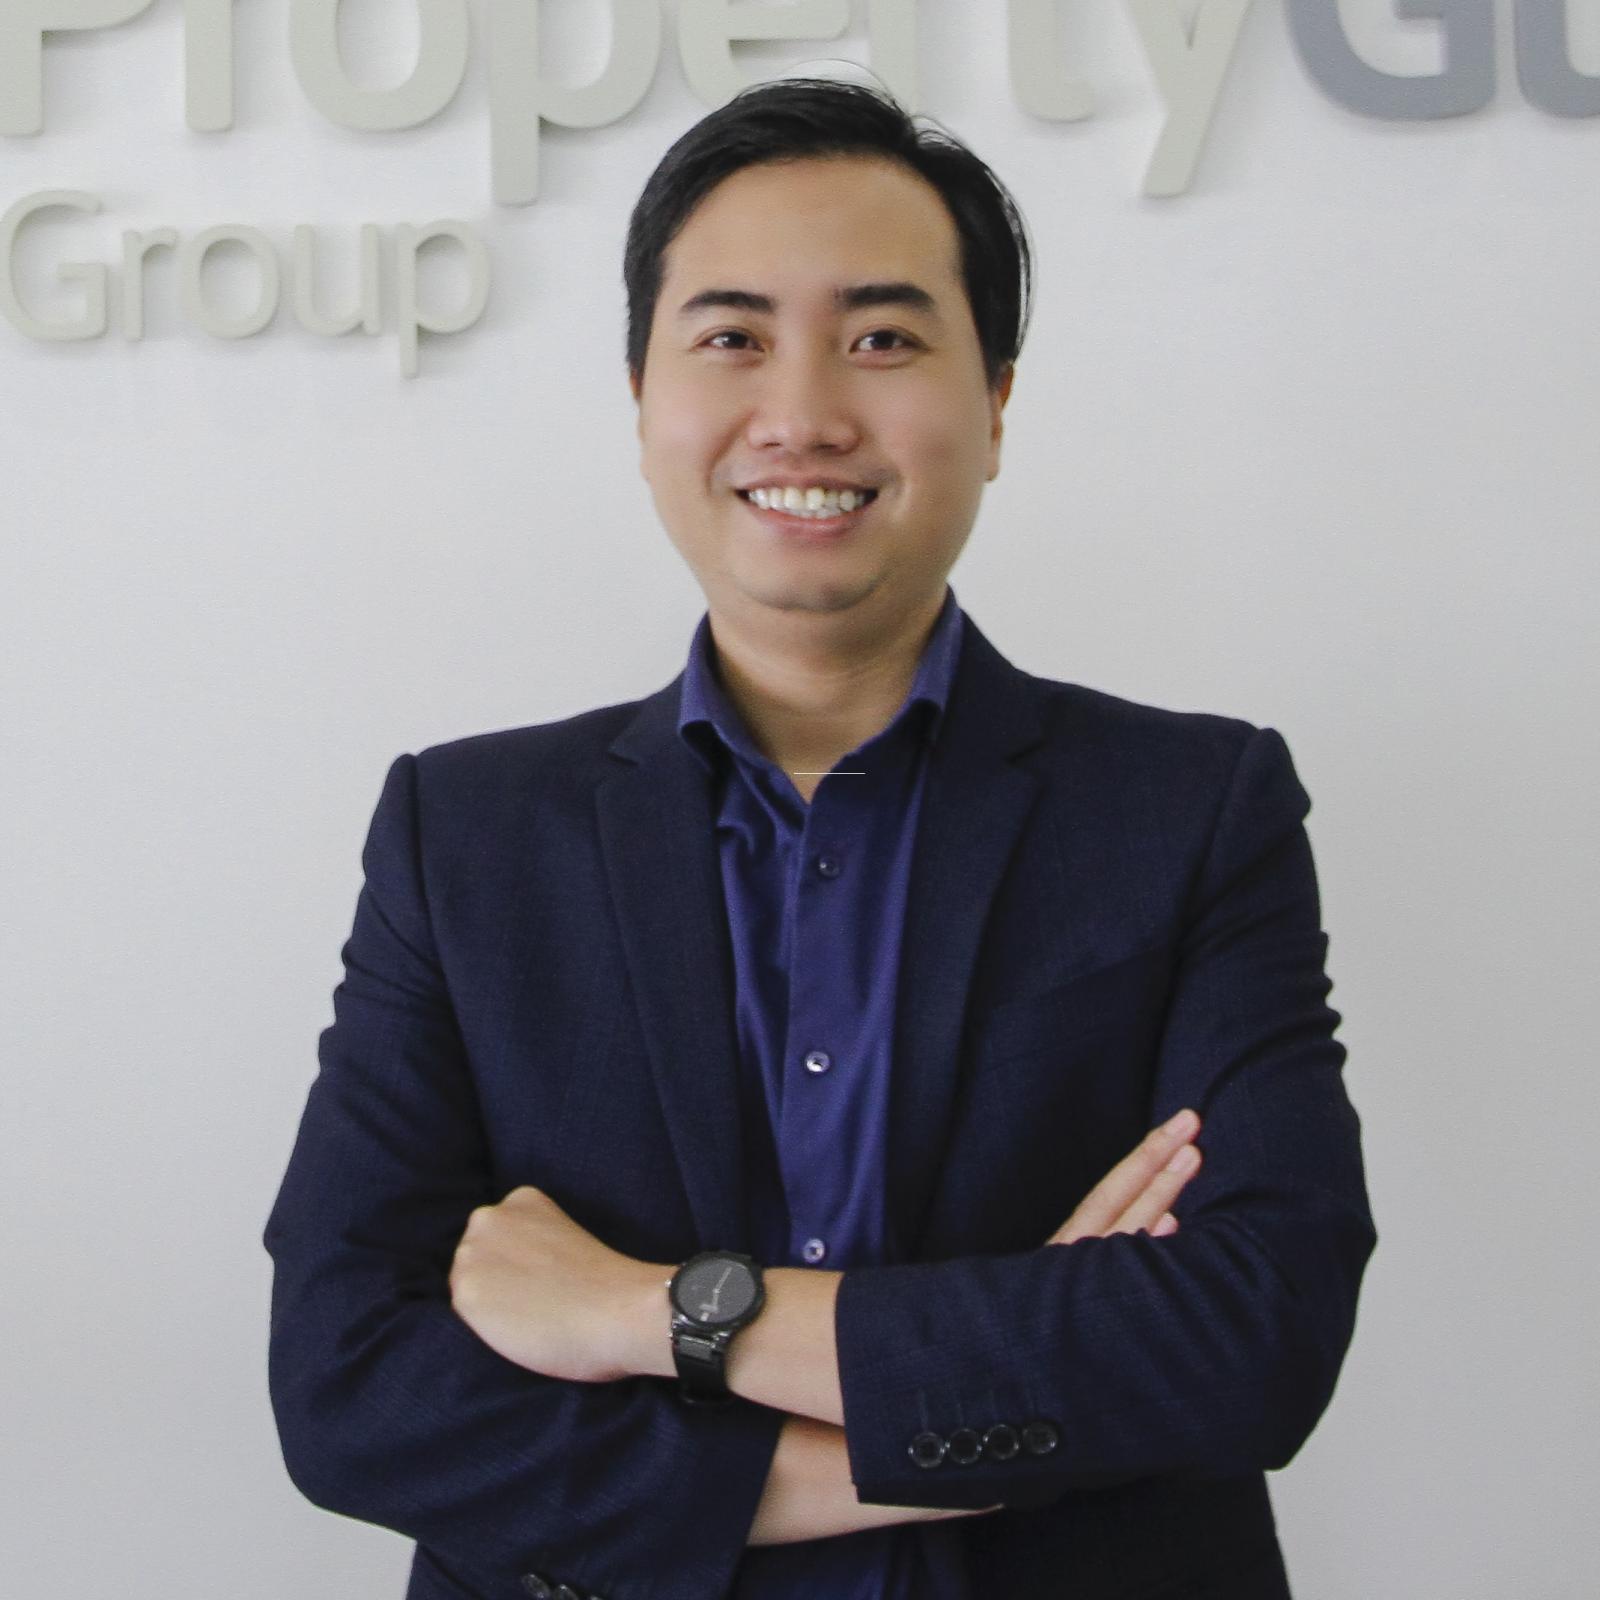 Chân dung ông Đinh Minh Tuấn, Giám đốc Batdongsan.com.vn khu vực phía Nam